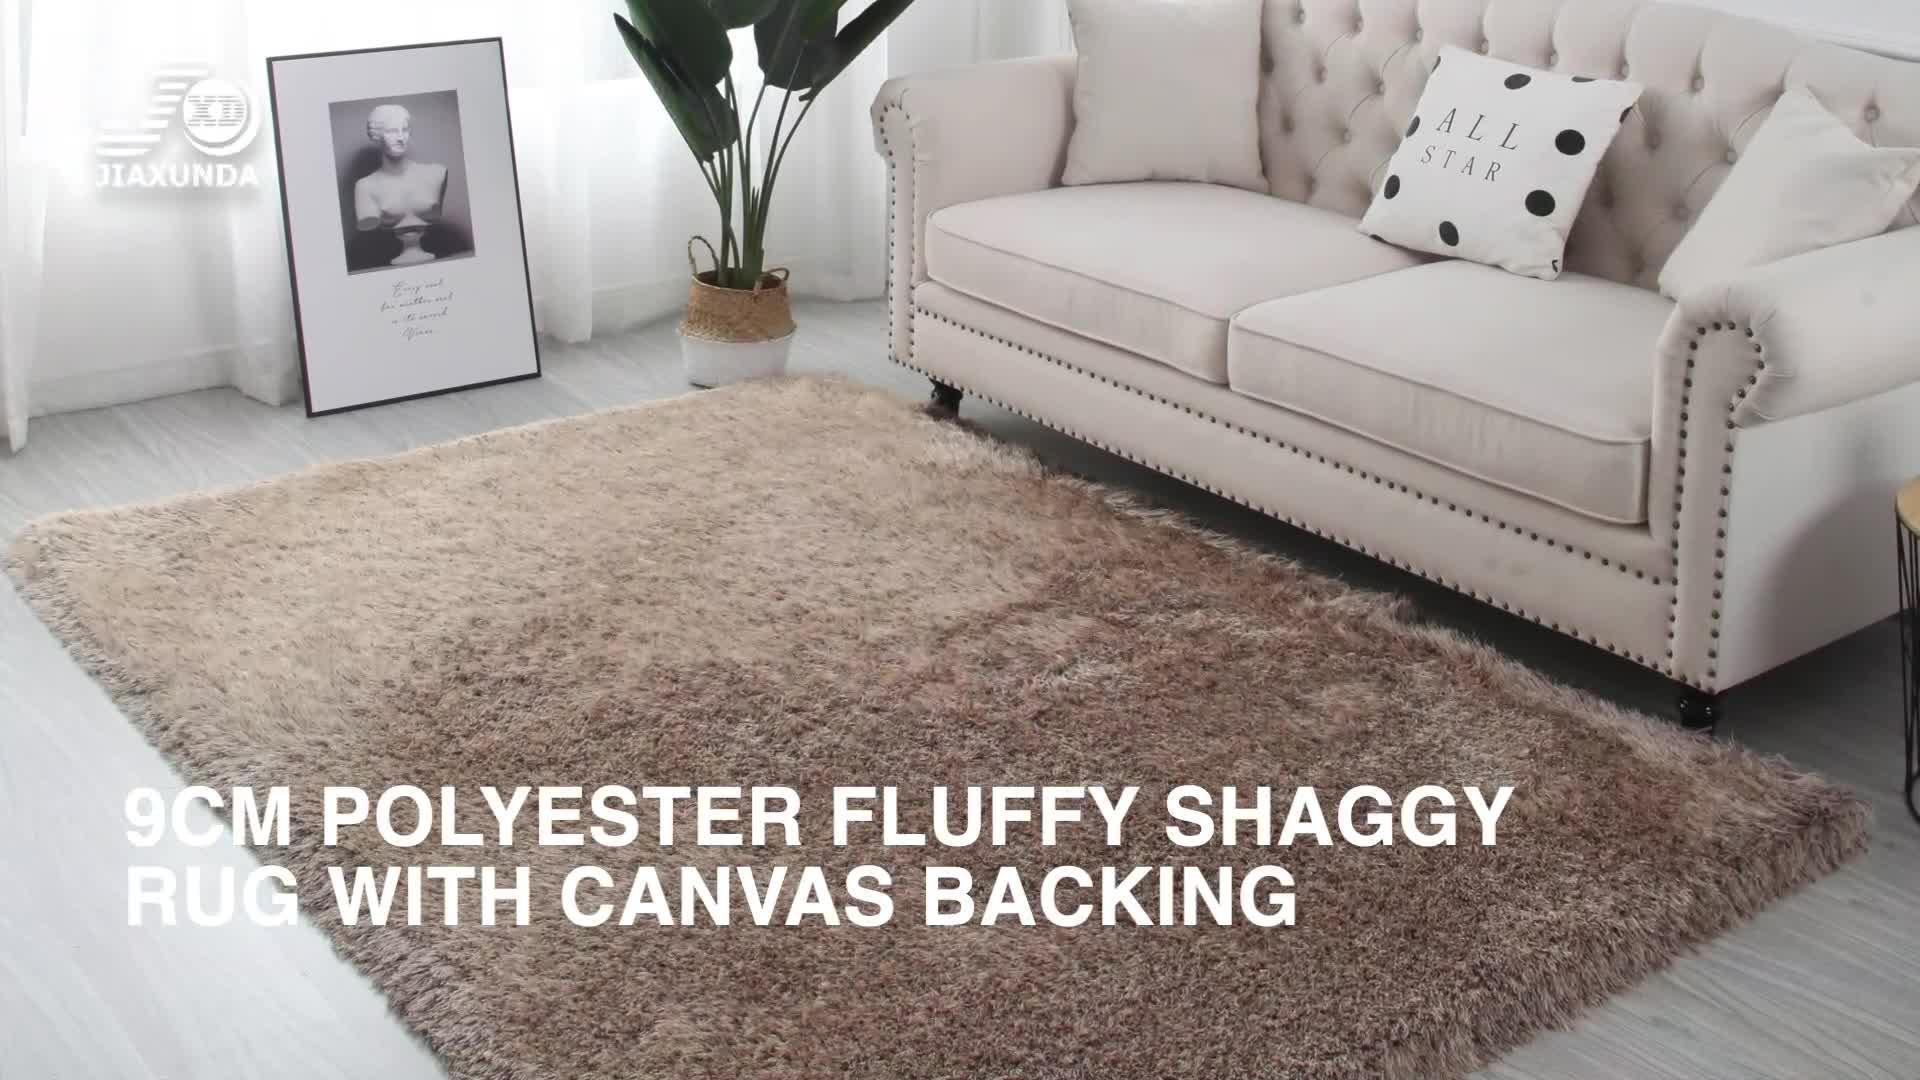 100% Polyester personnalisé moderne tianjin 9cm pile vison plaine moelleux zone shaggy tapis tapis pour salon